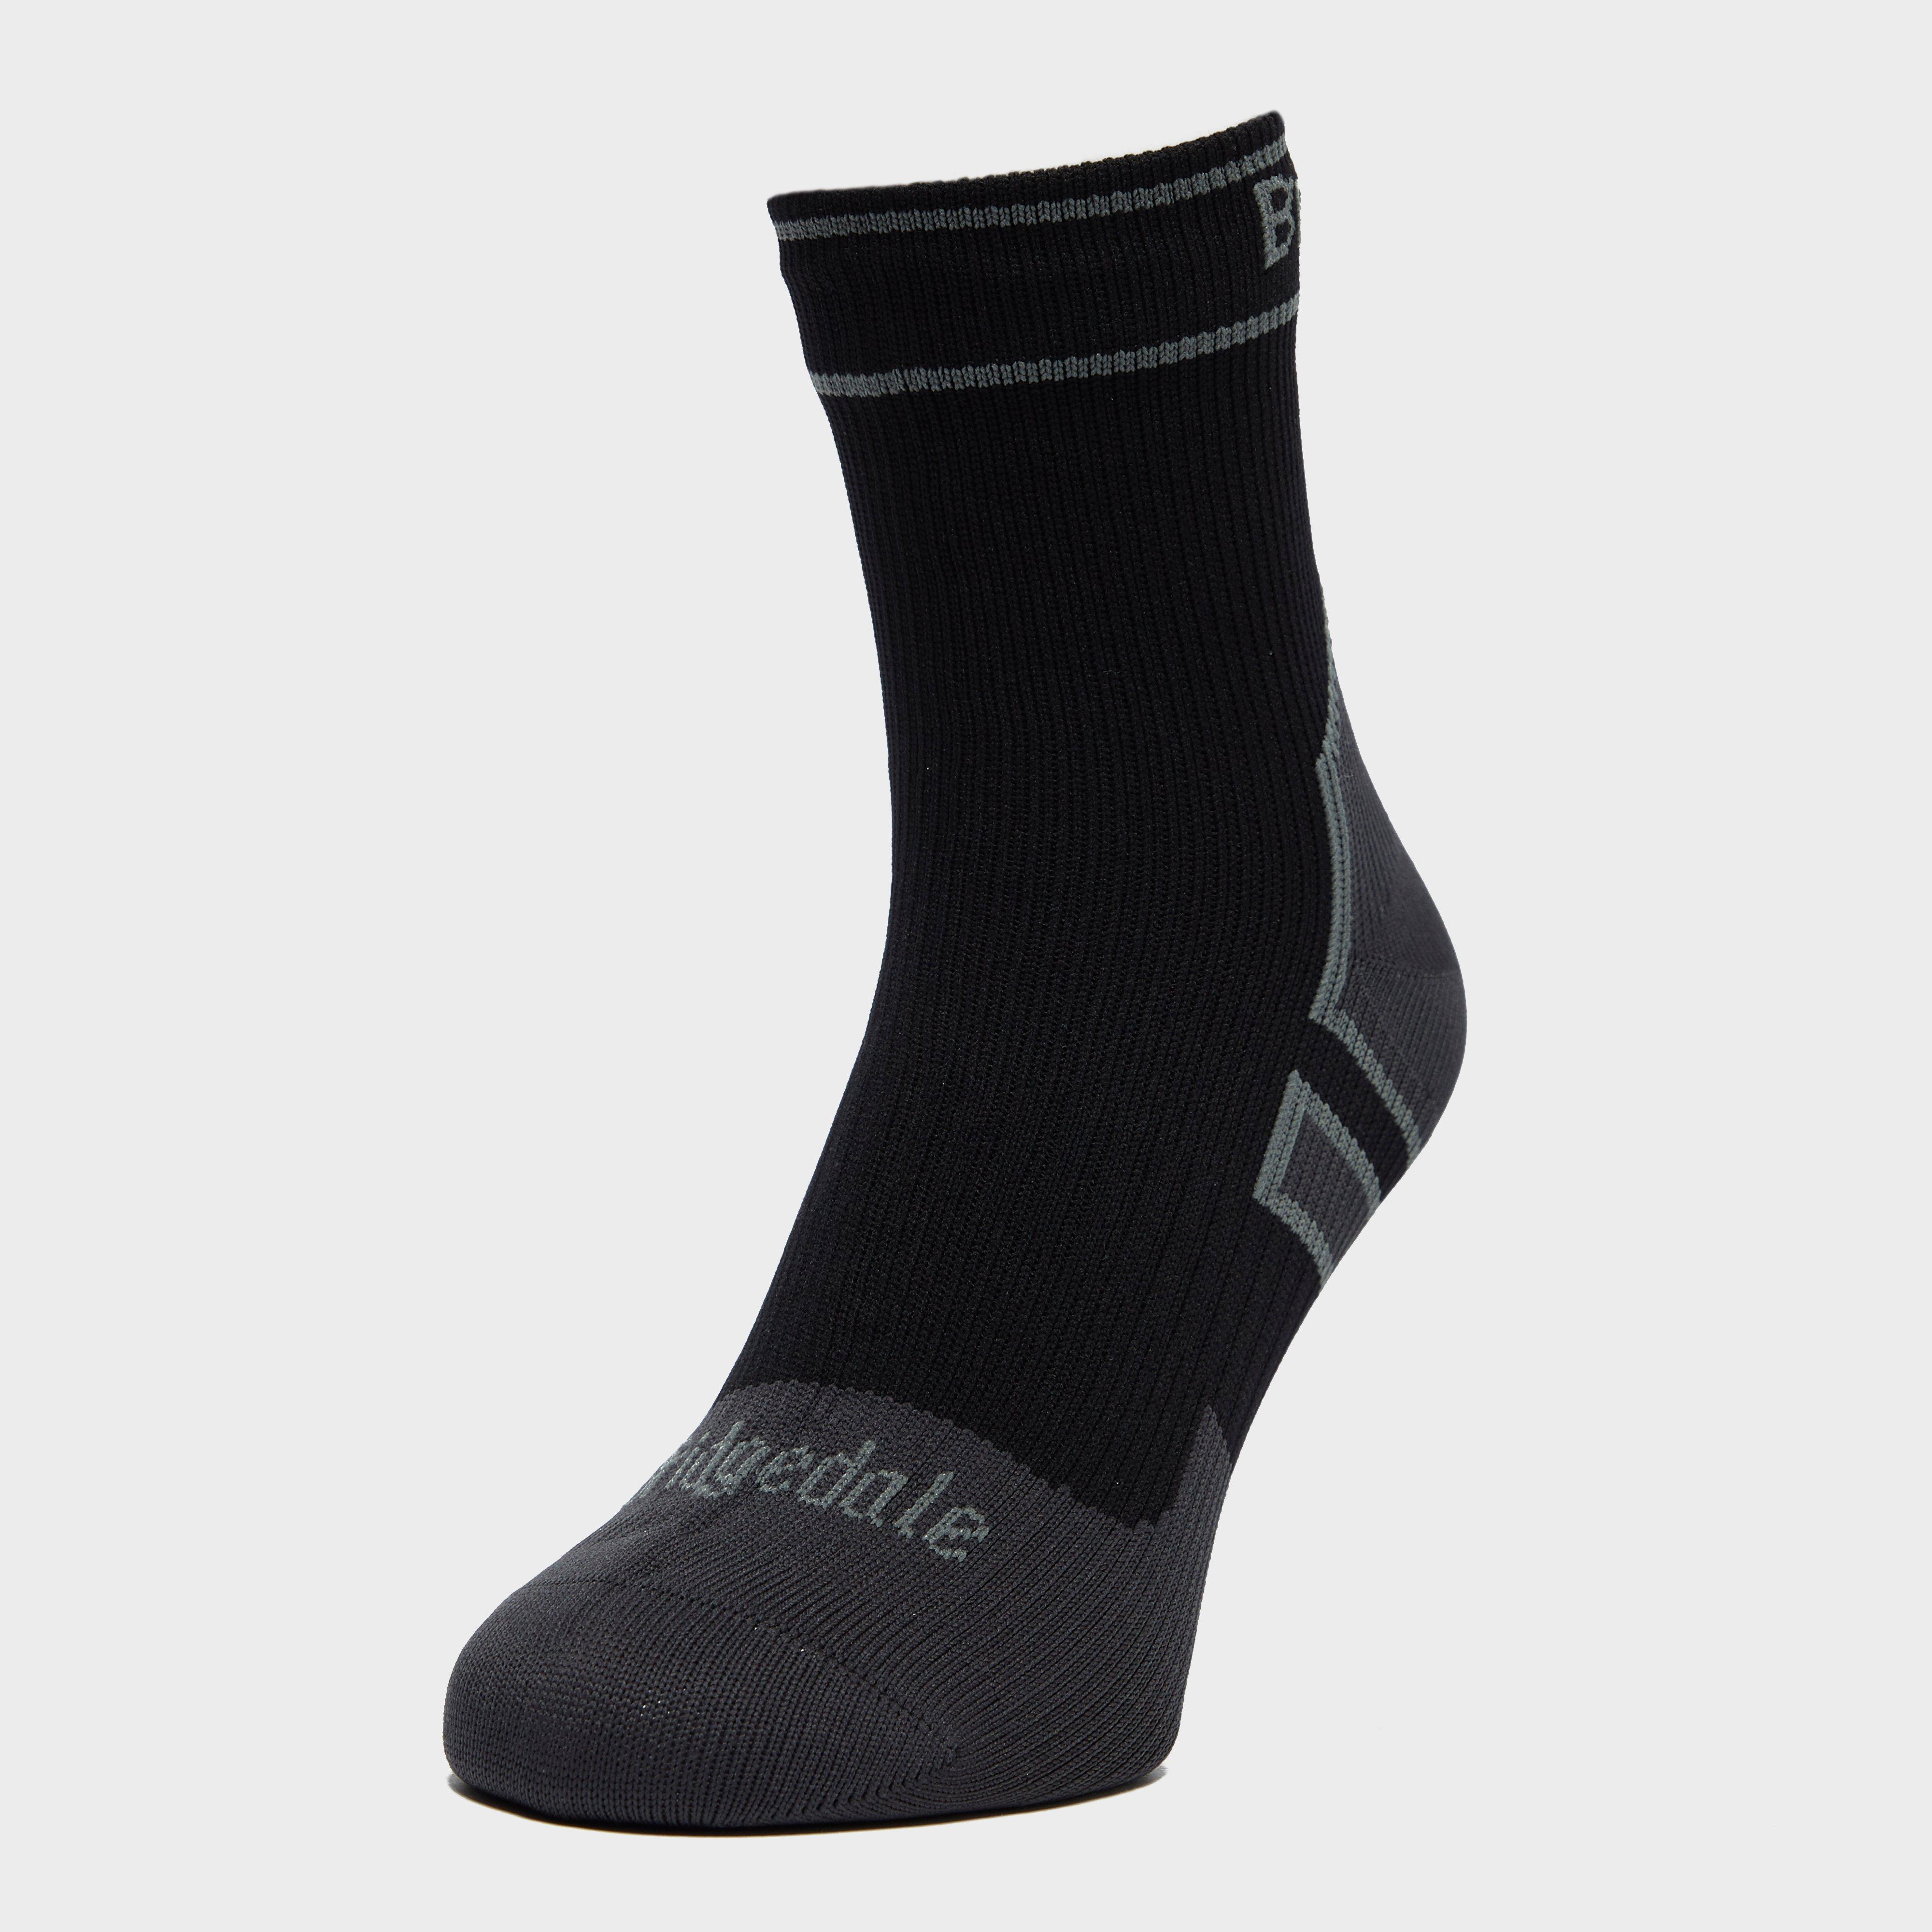 Bridgedale Bridgedale Mens Stormsock Lightweight Ankle Sock - Black, Black